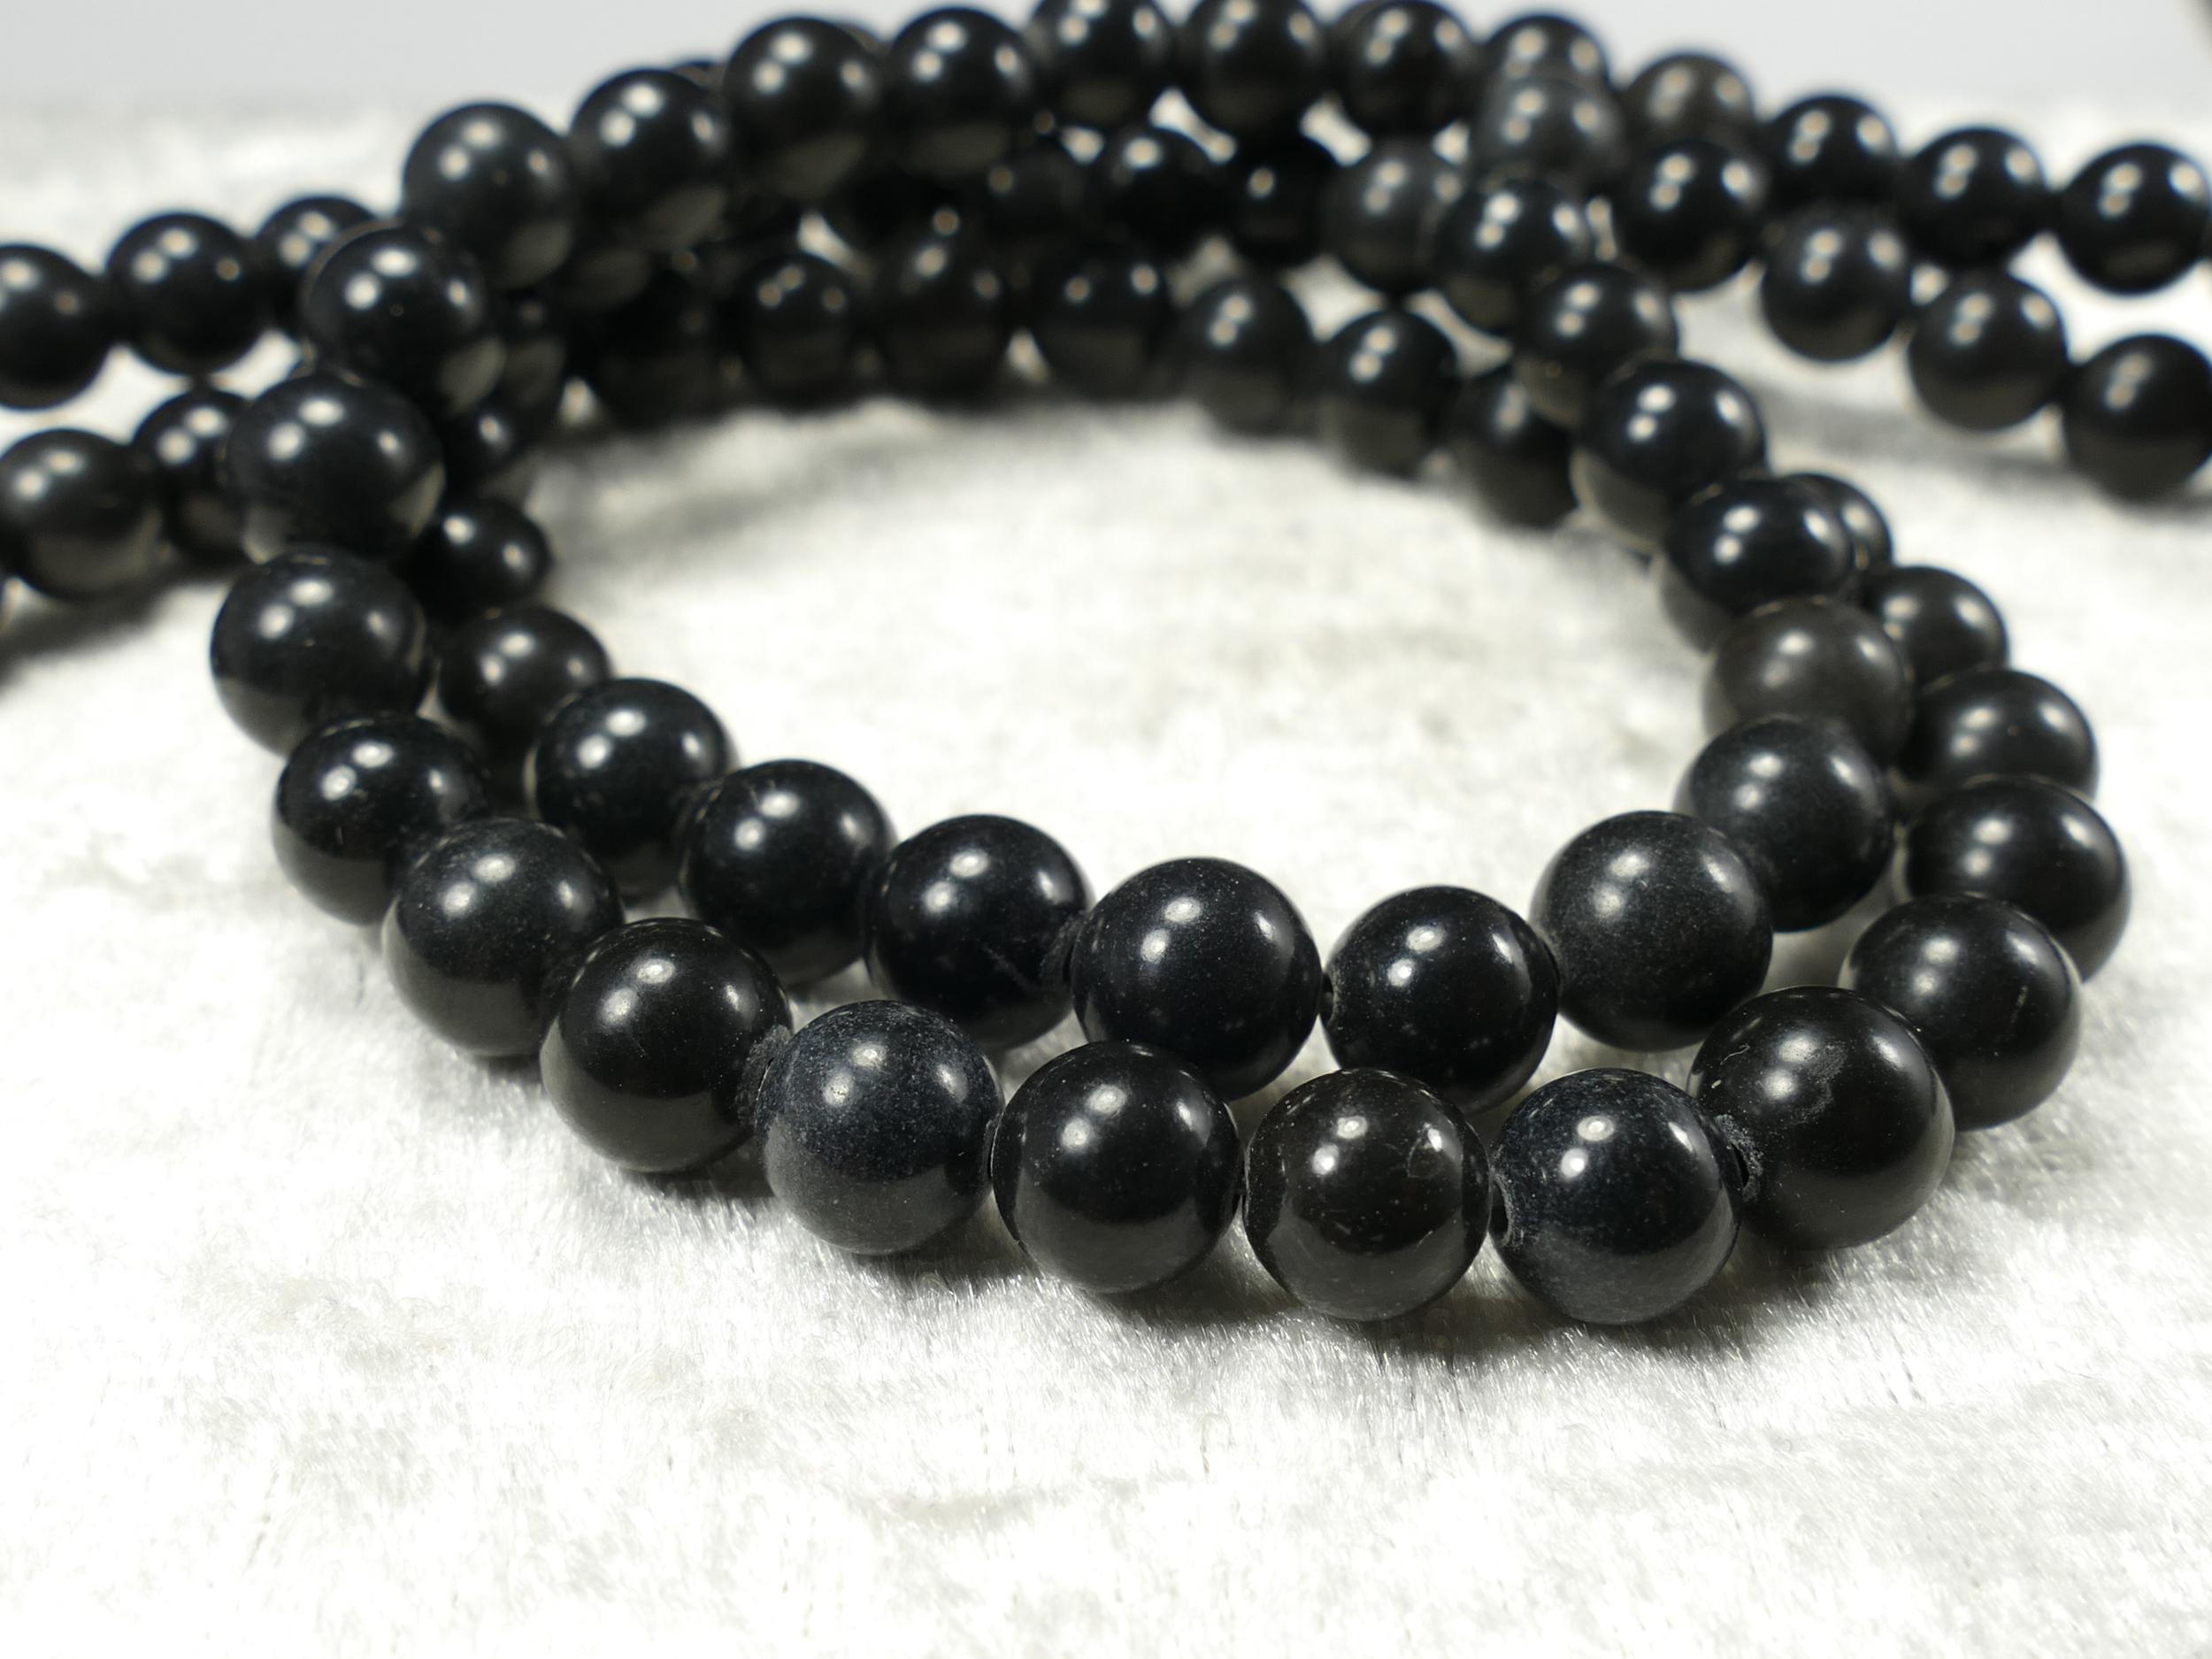 7.8/8.4mm x24 Perles d\'Onyx (Agate) naturel boule / ronde noir (#AC658)